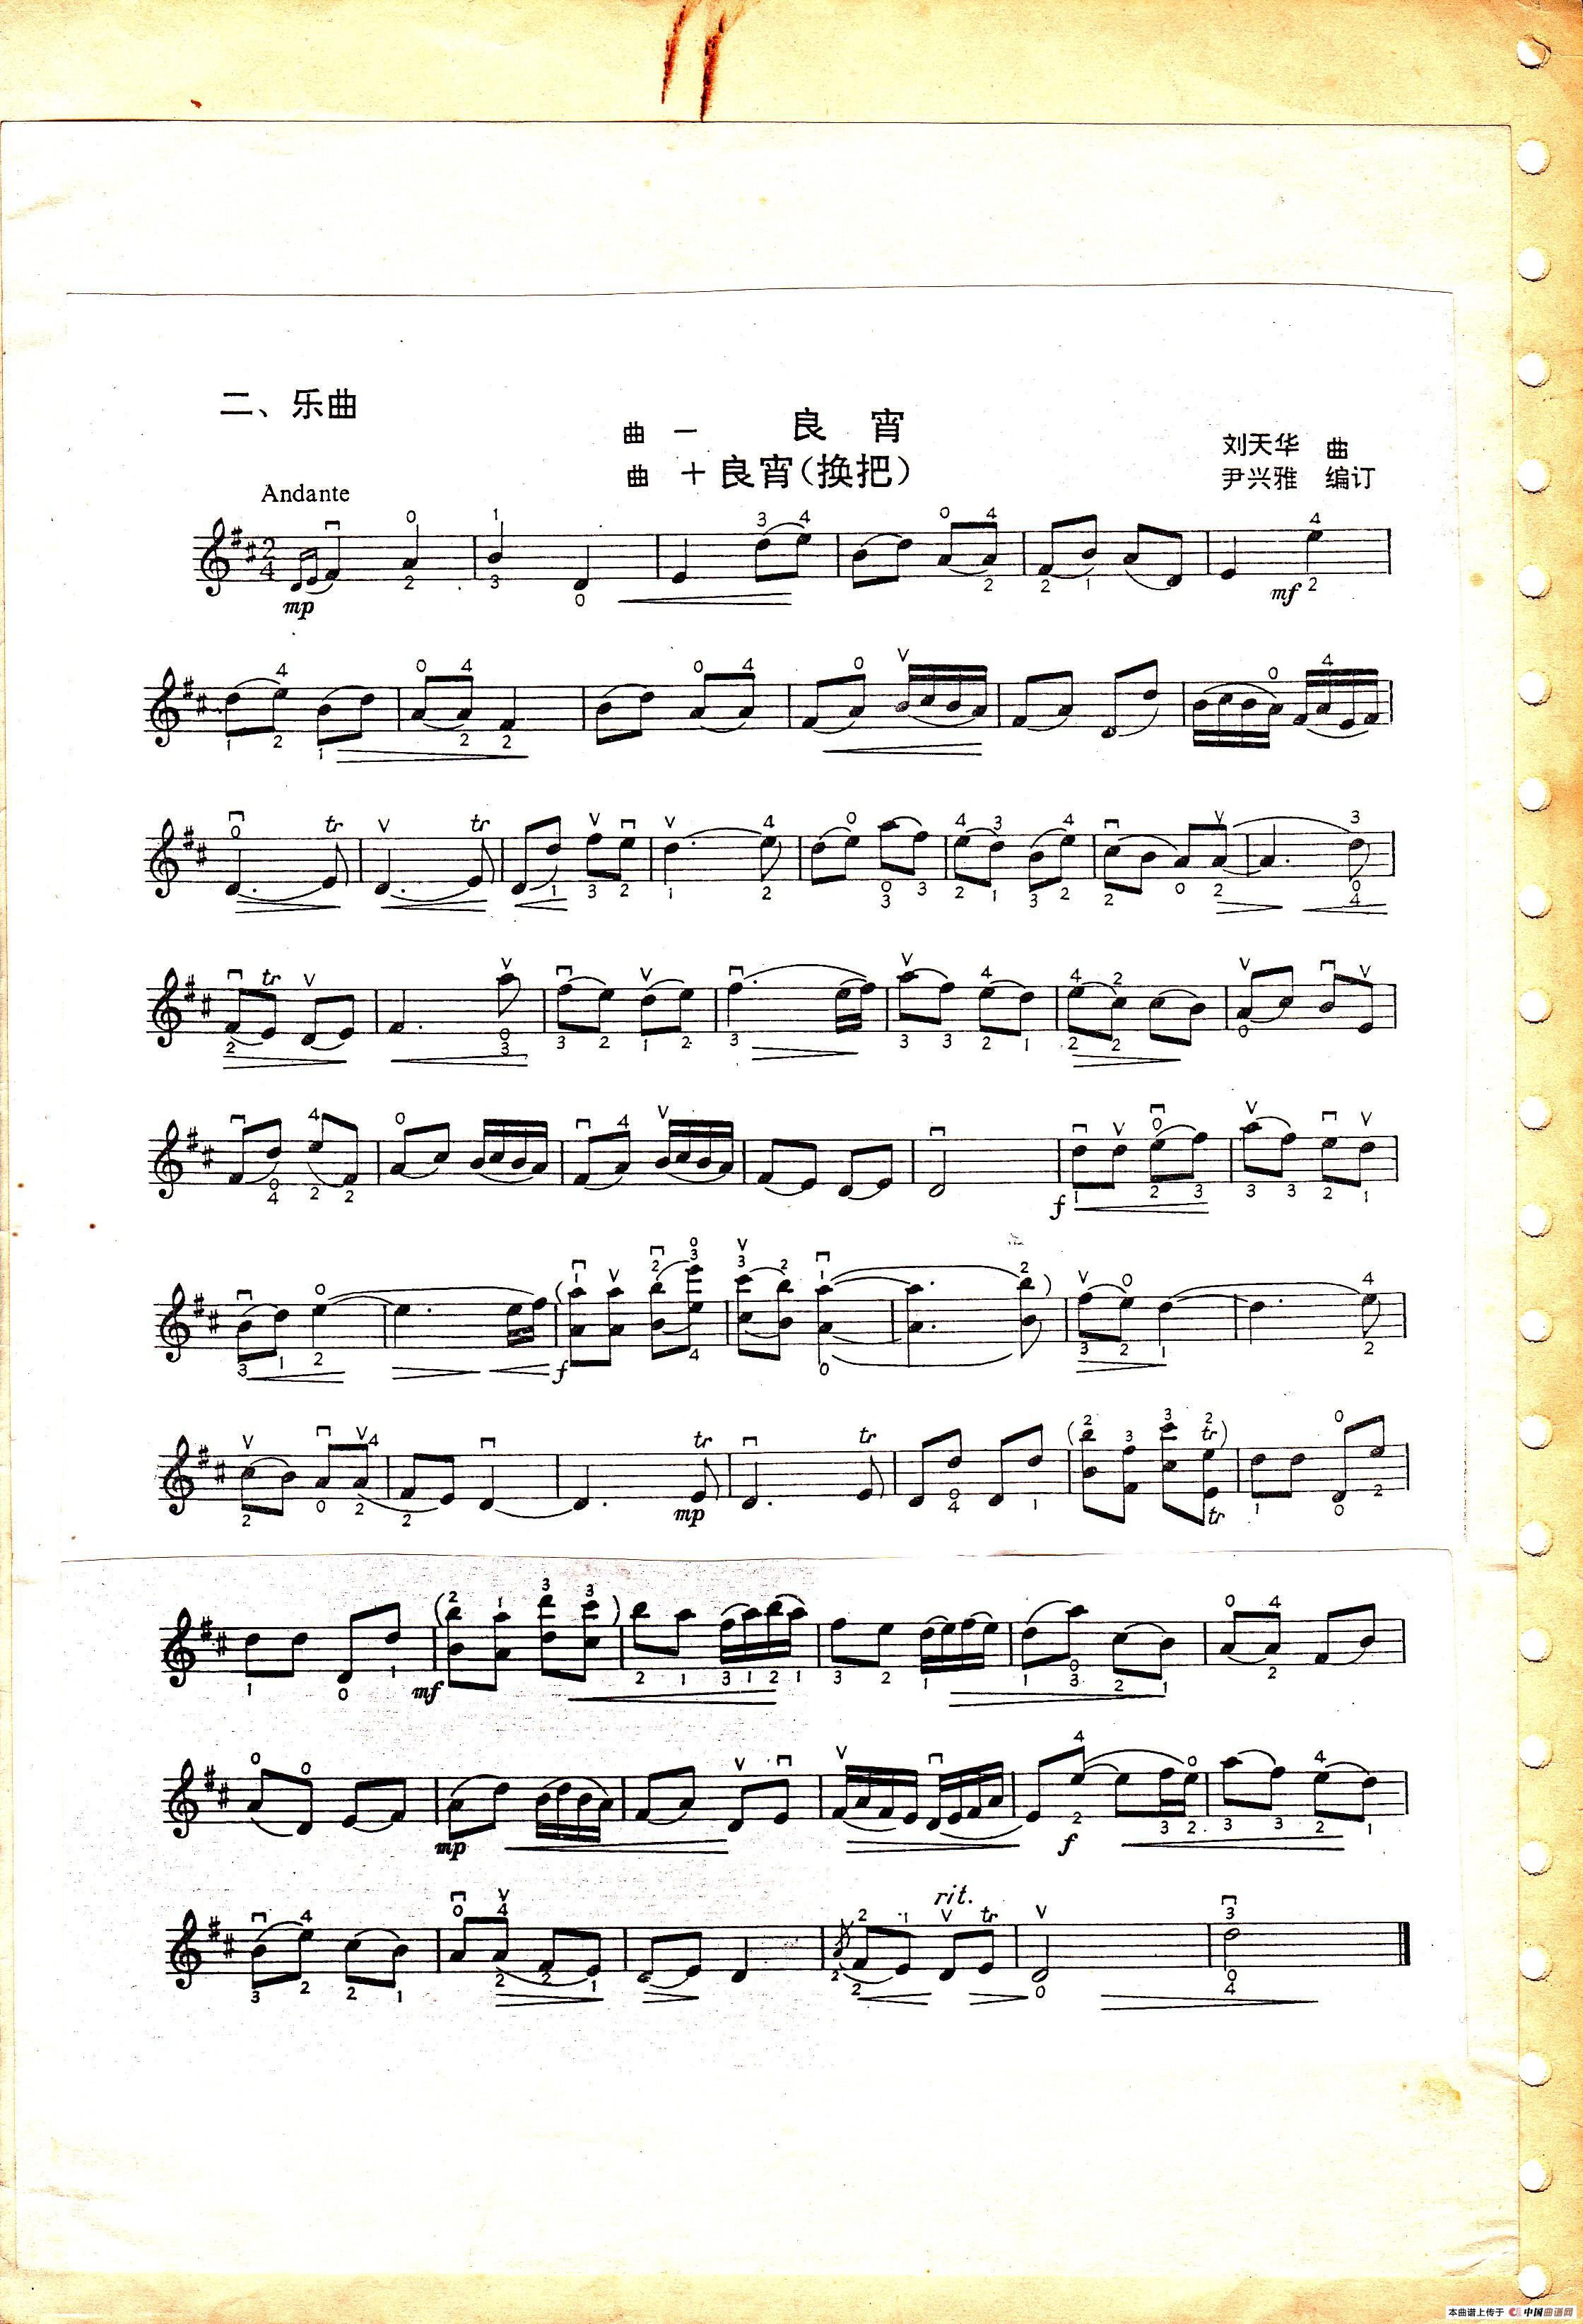 良宵 小提琴线谱 换把